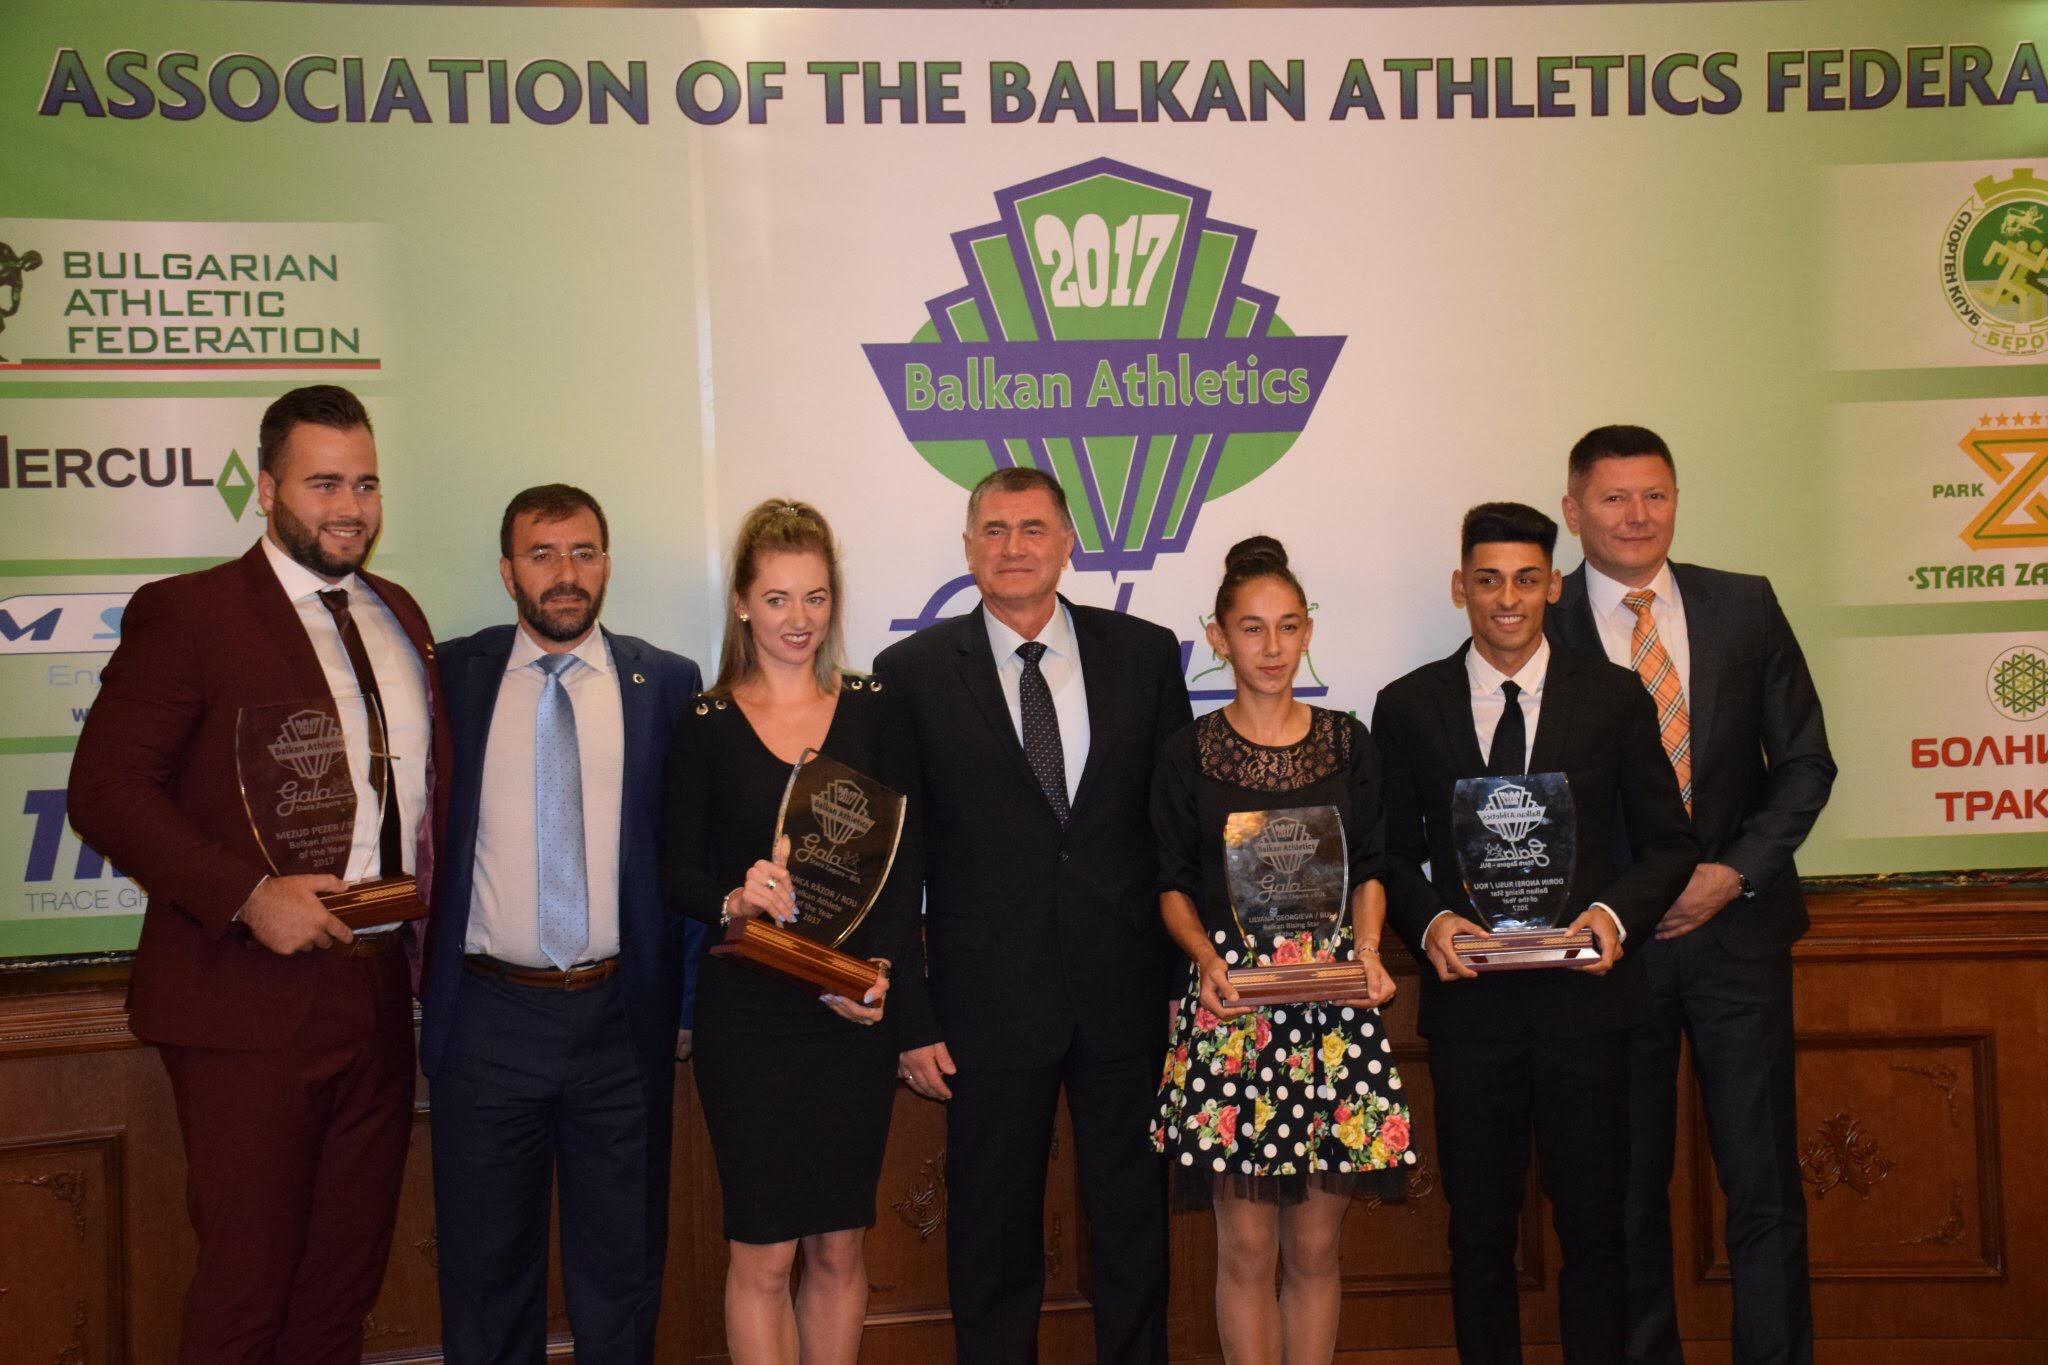 Najbolji atletičari Balkana za 2017. godinu: